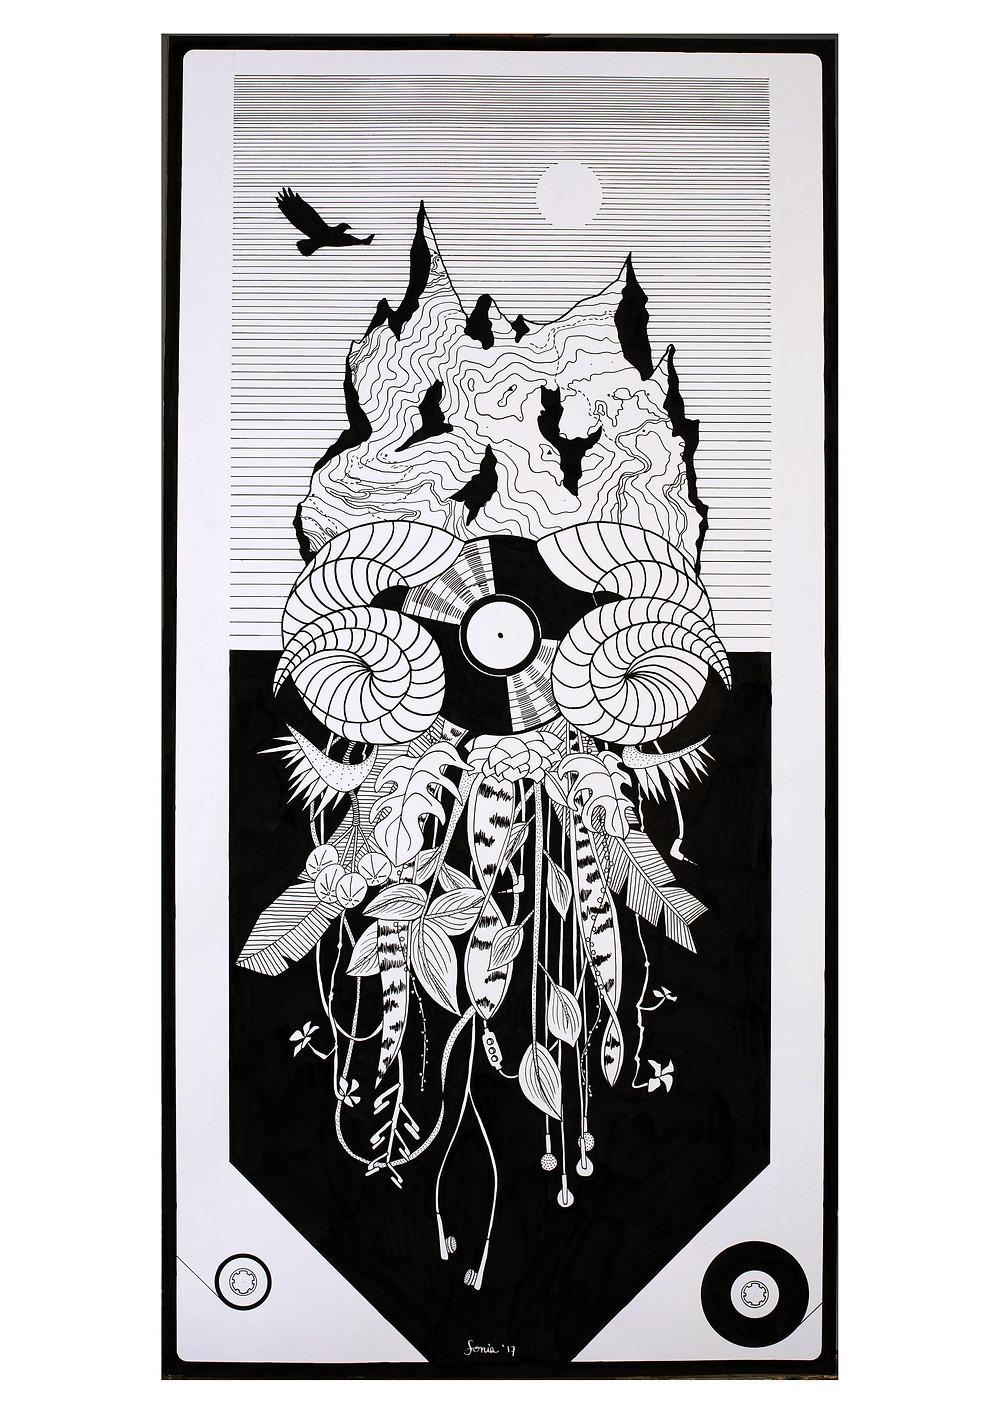 Encargo artístico para Nacho Torres por Sonia Sanmartin en tinta china sobre música y naturaleza